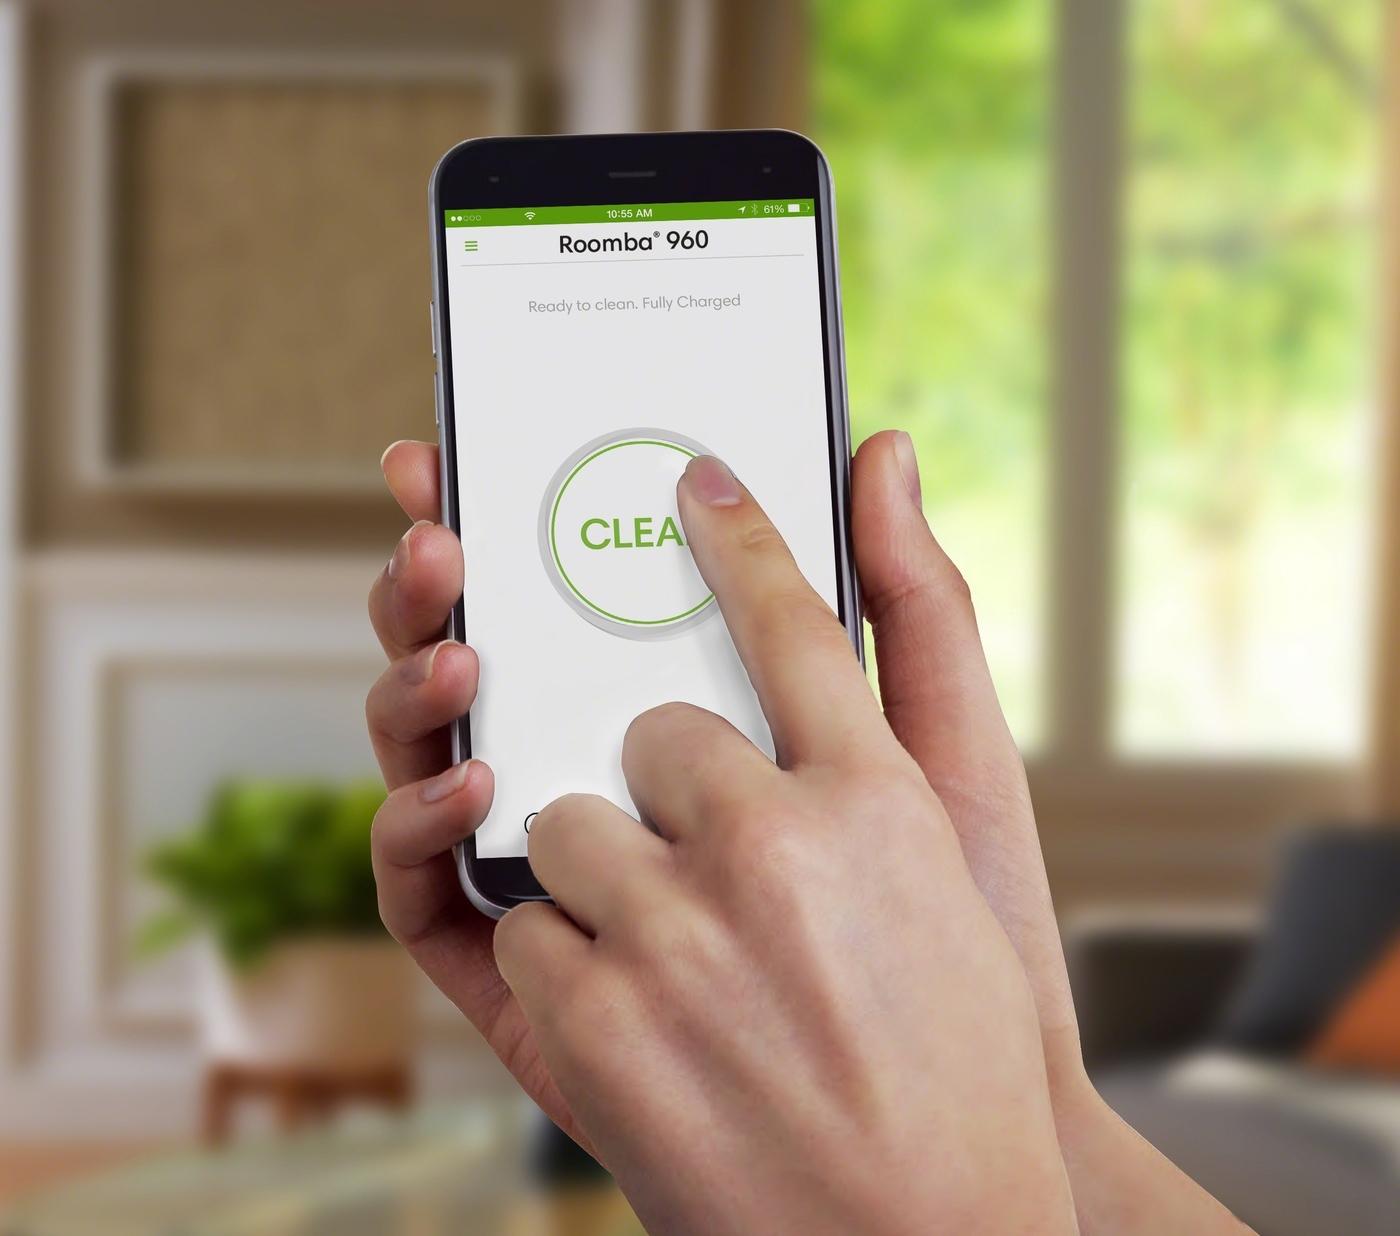 Roomba 960-app